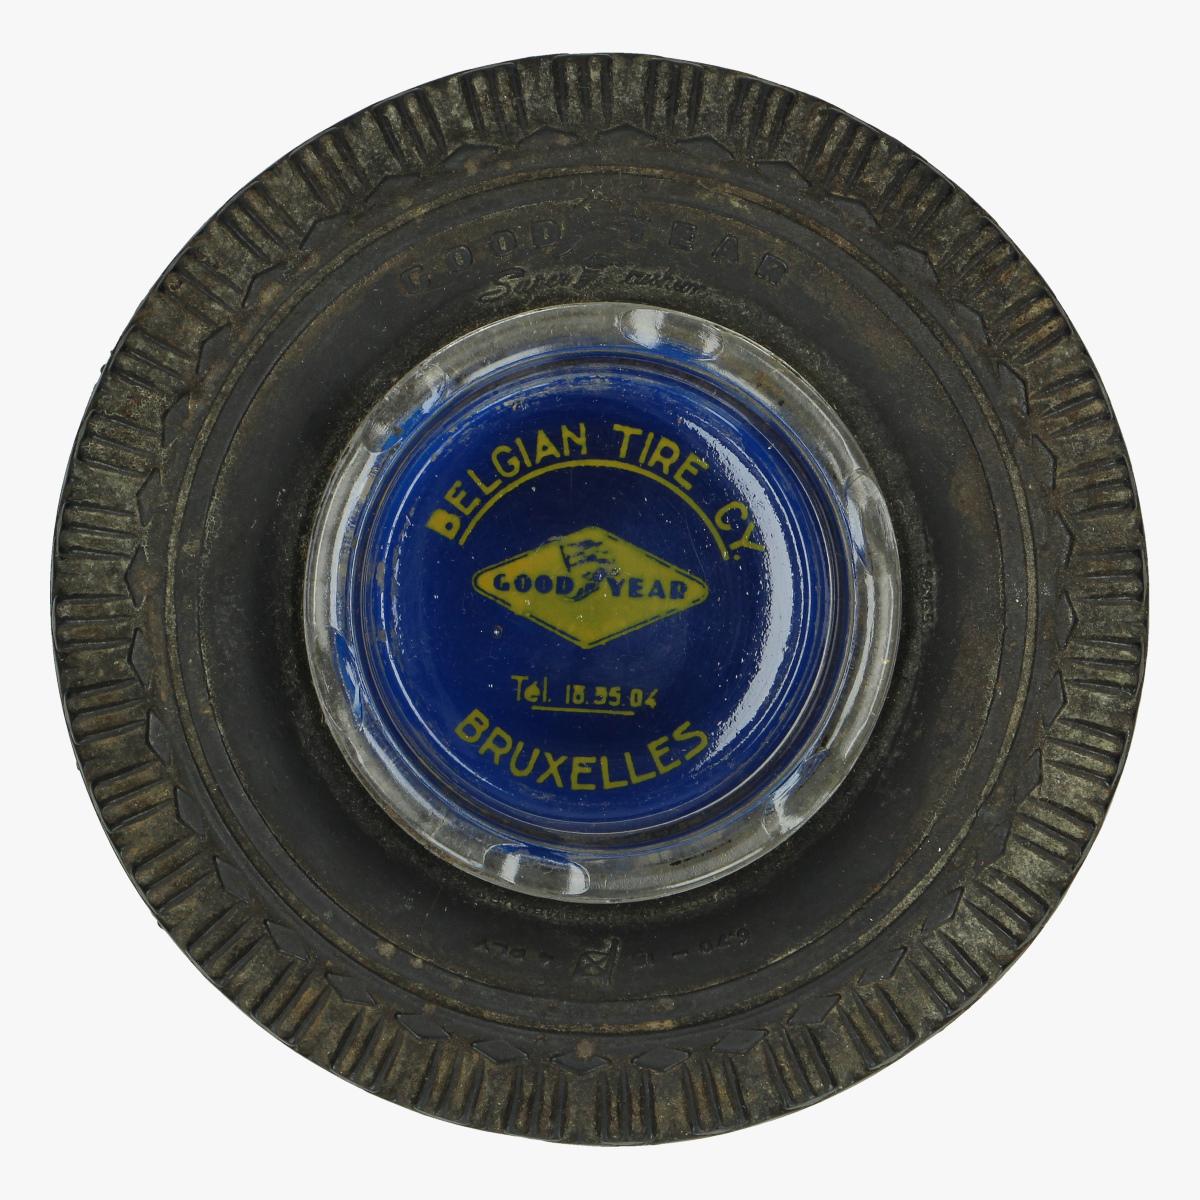 Afbeeldingen van asbak Good year tires